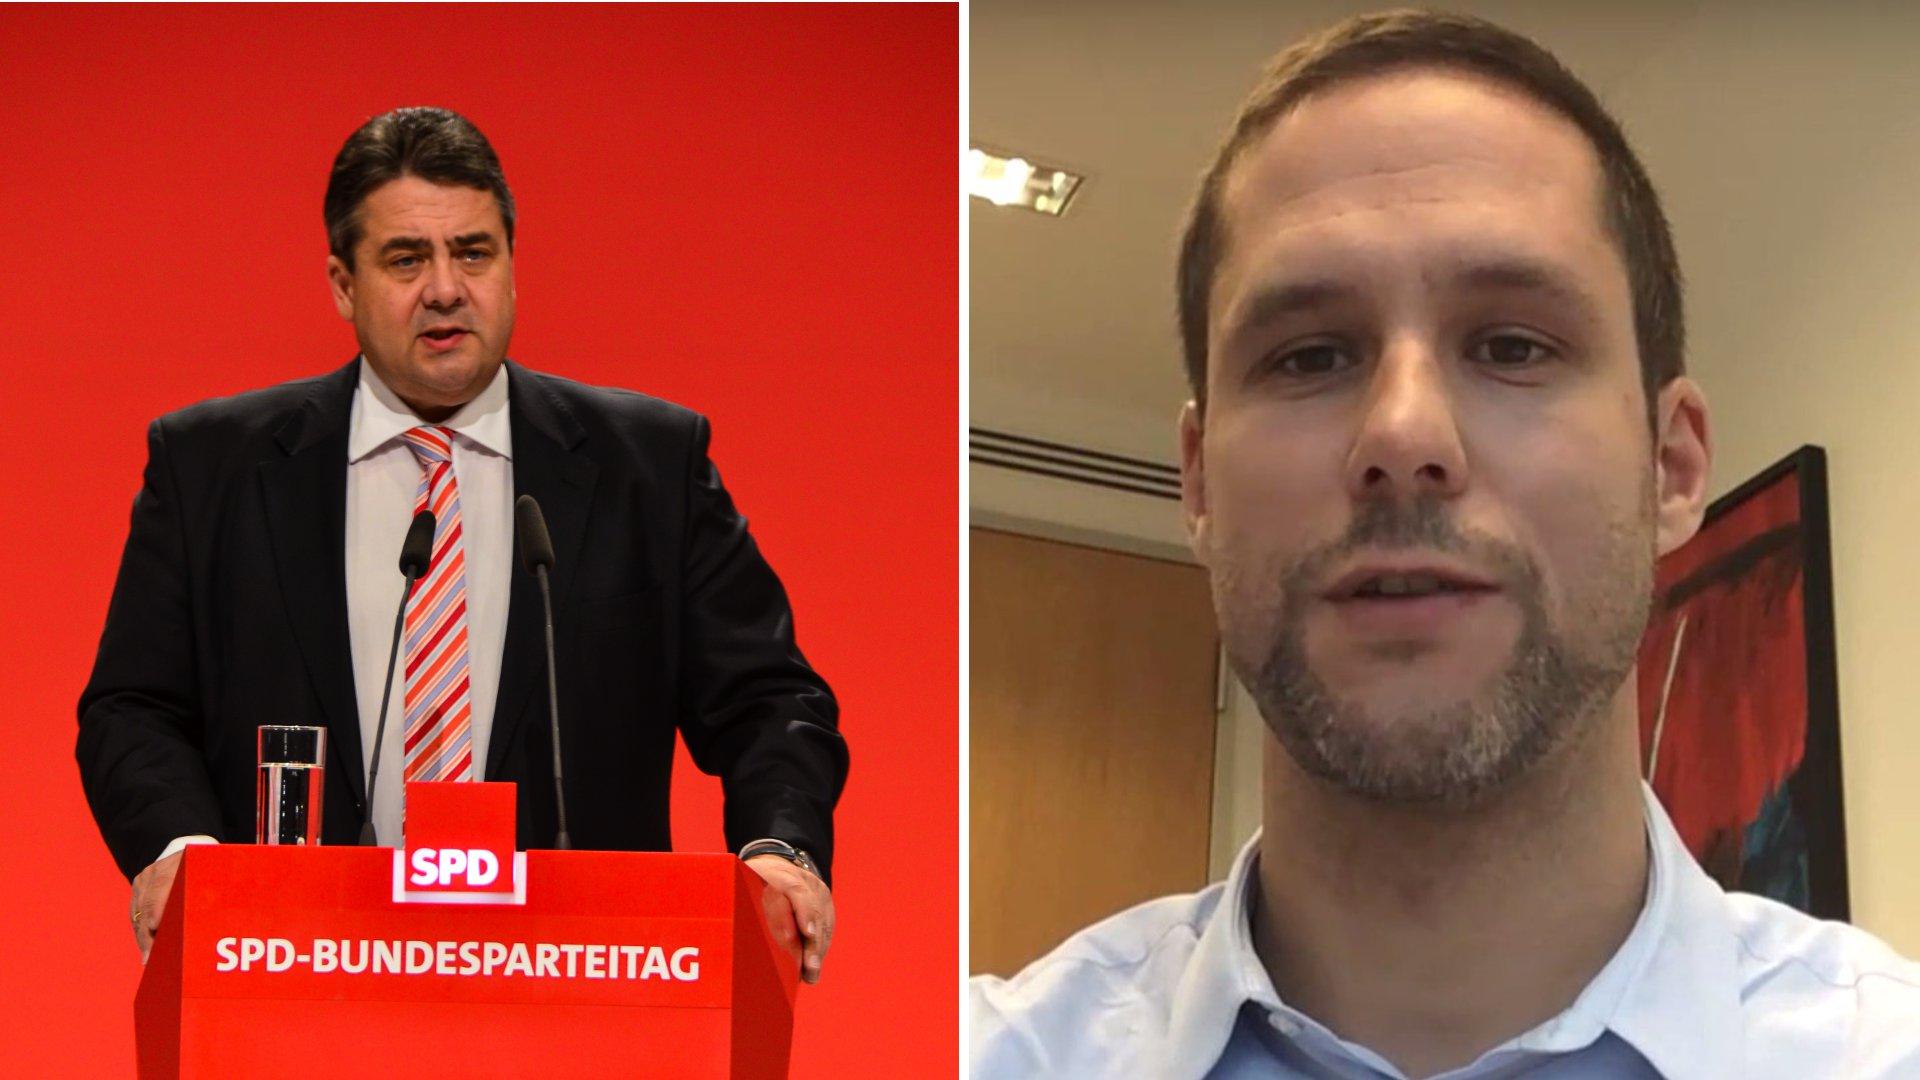 Gabriel oder Schulz: Wer wird SPD-Kanzlerkandidat?